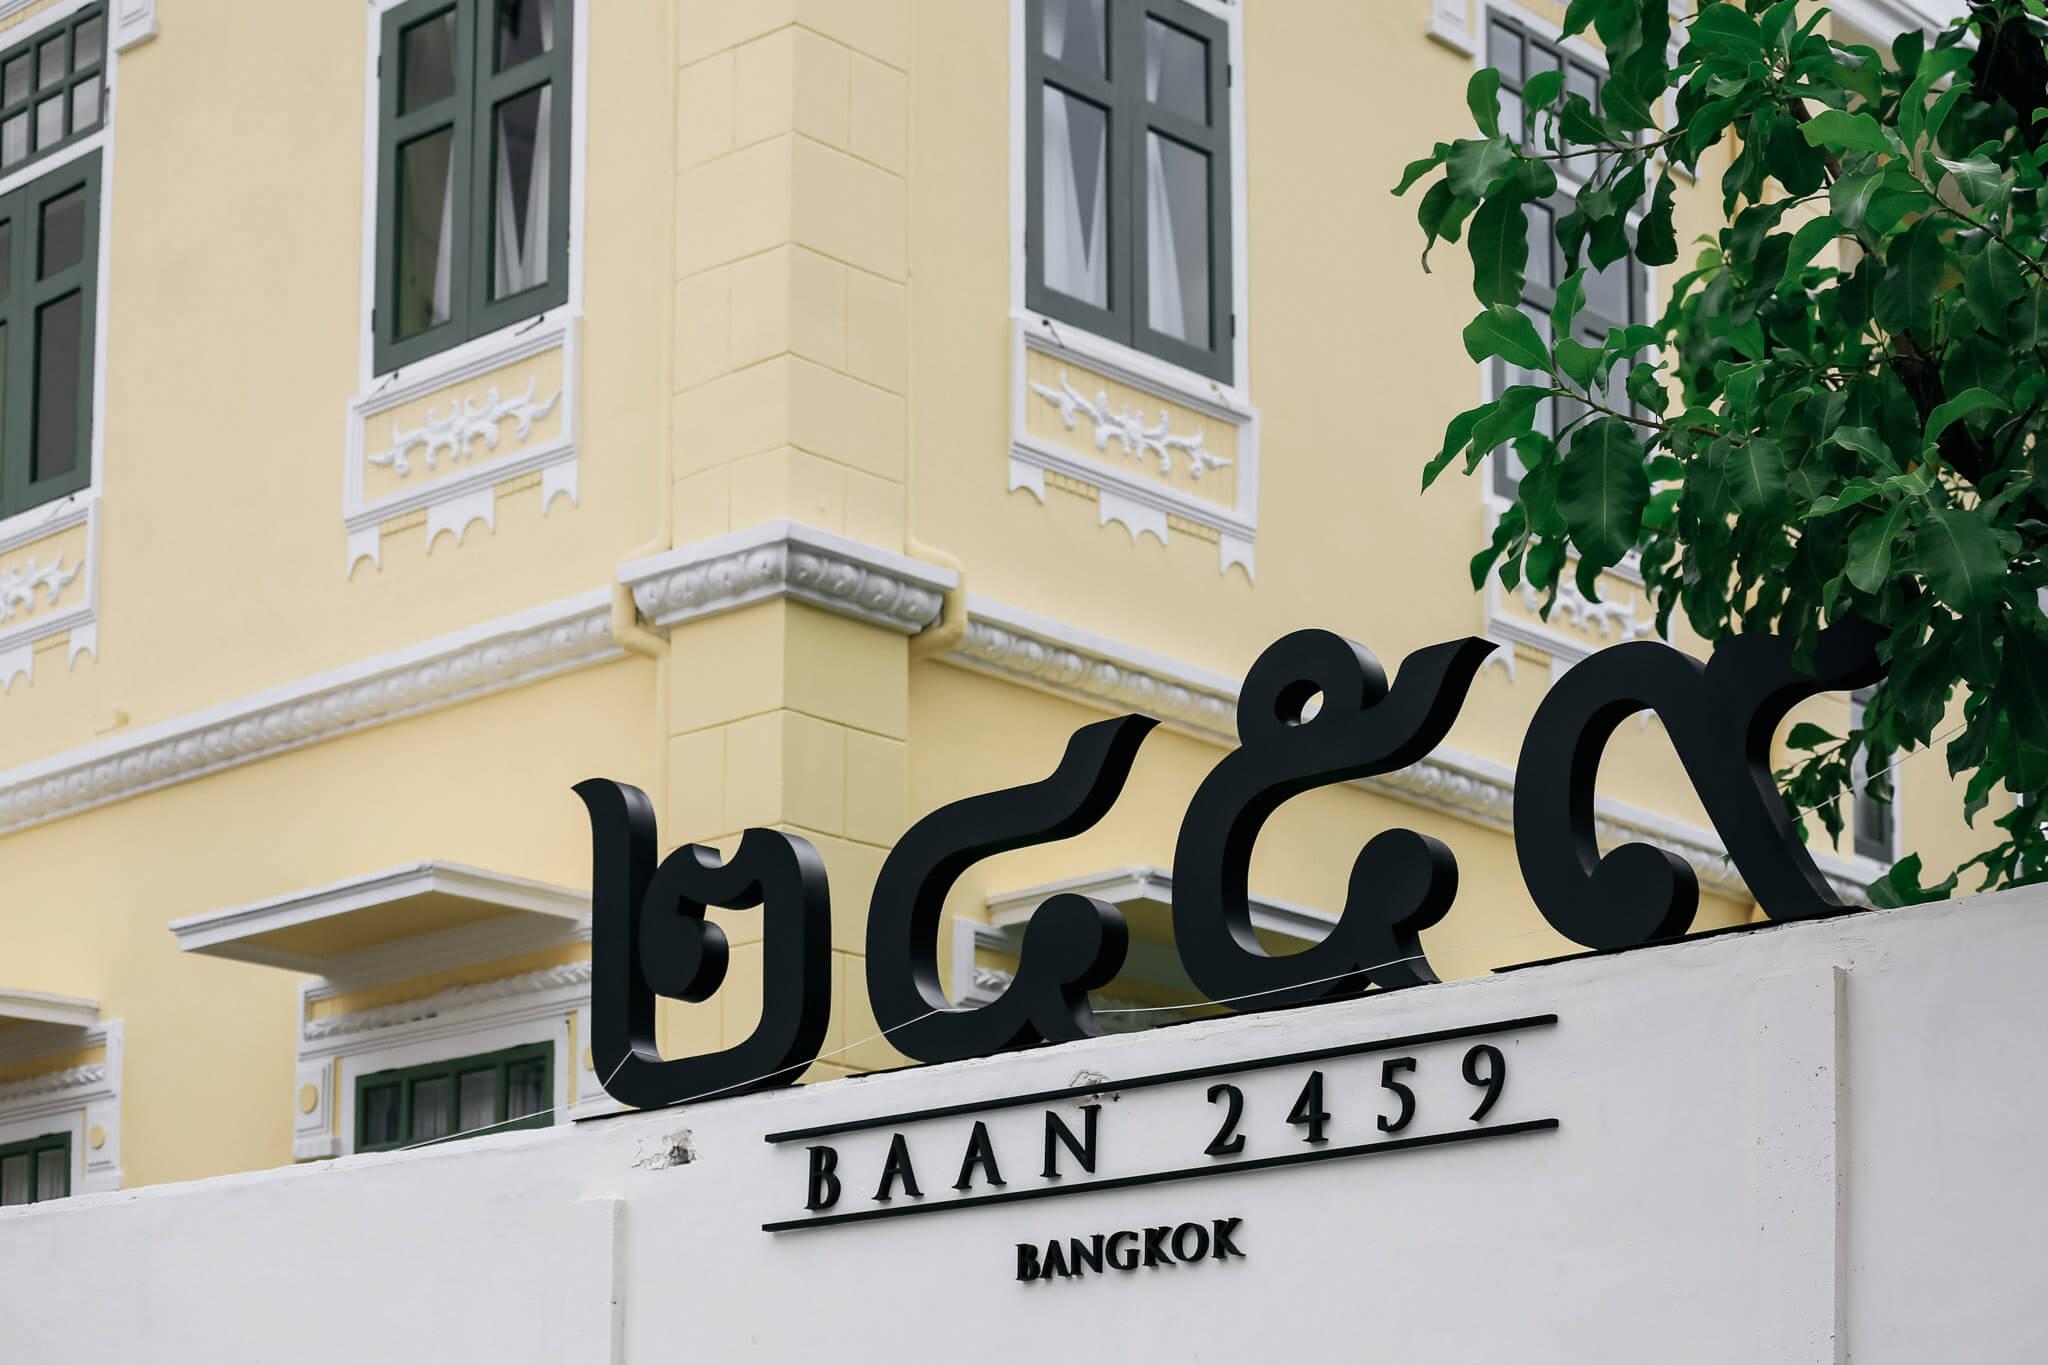 บ้าน 2459 (BAAN 2459) รร.สถาปัตยกรรมชิโนโปรตุกีสยุค ร.๖ ในเยาวราช พร้อมร้านกาแฟน่าแวะถ่ายรูป 15 -